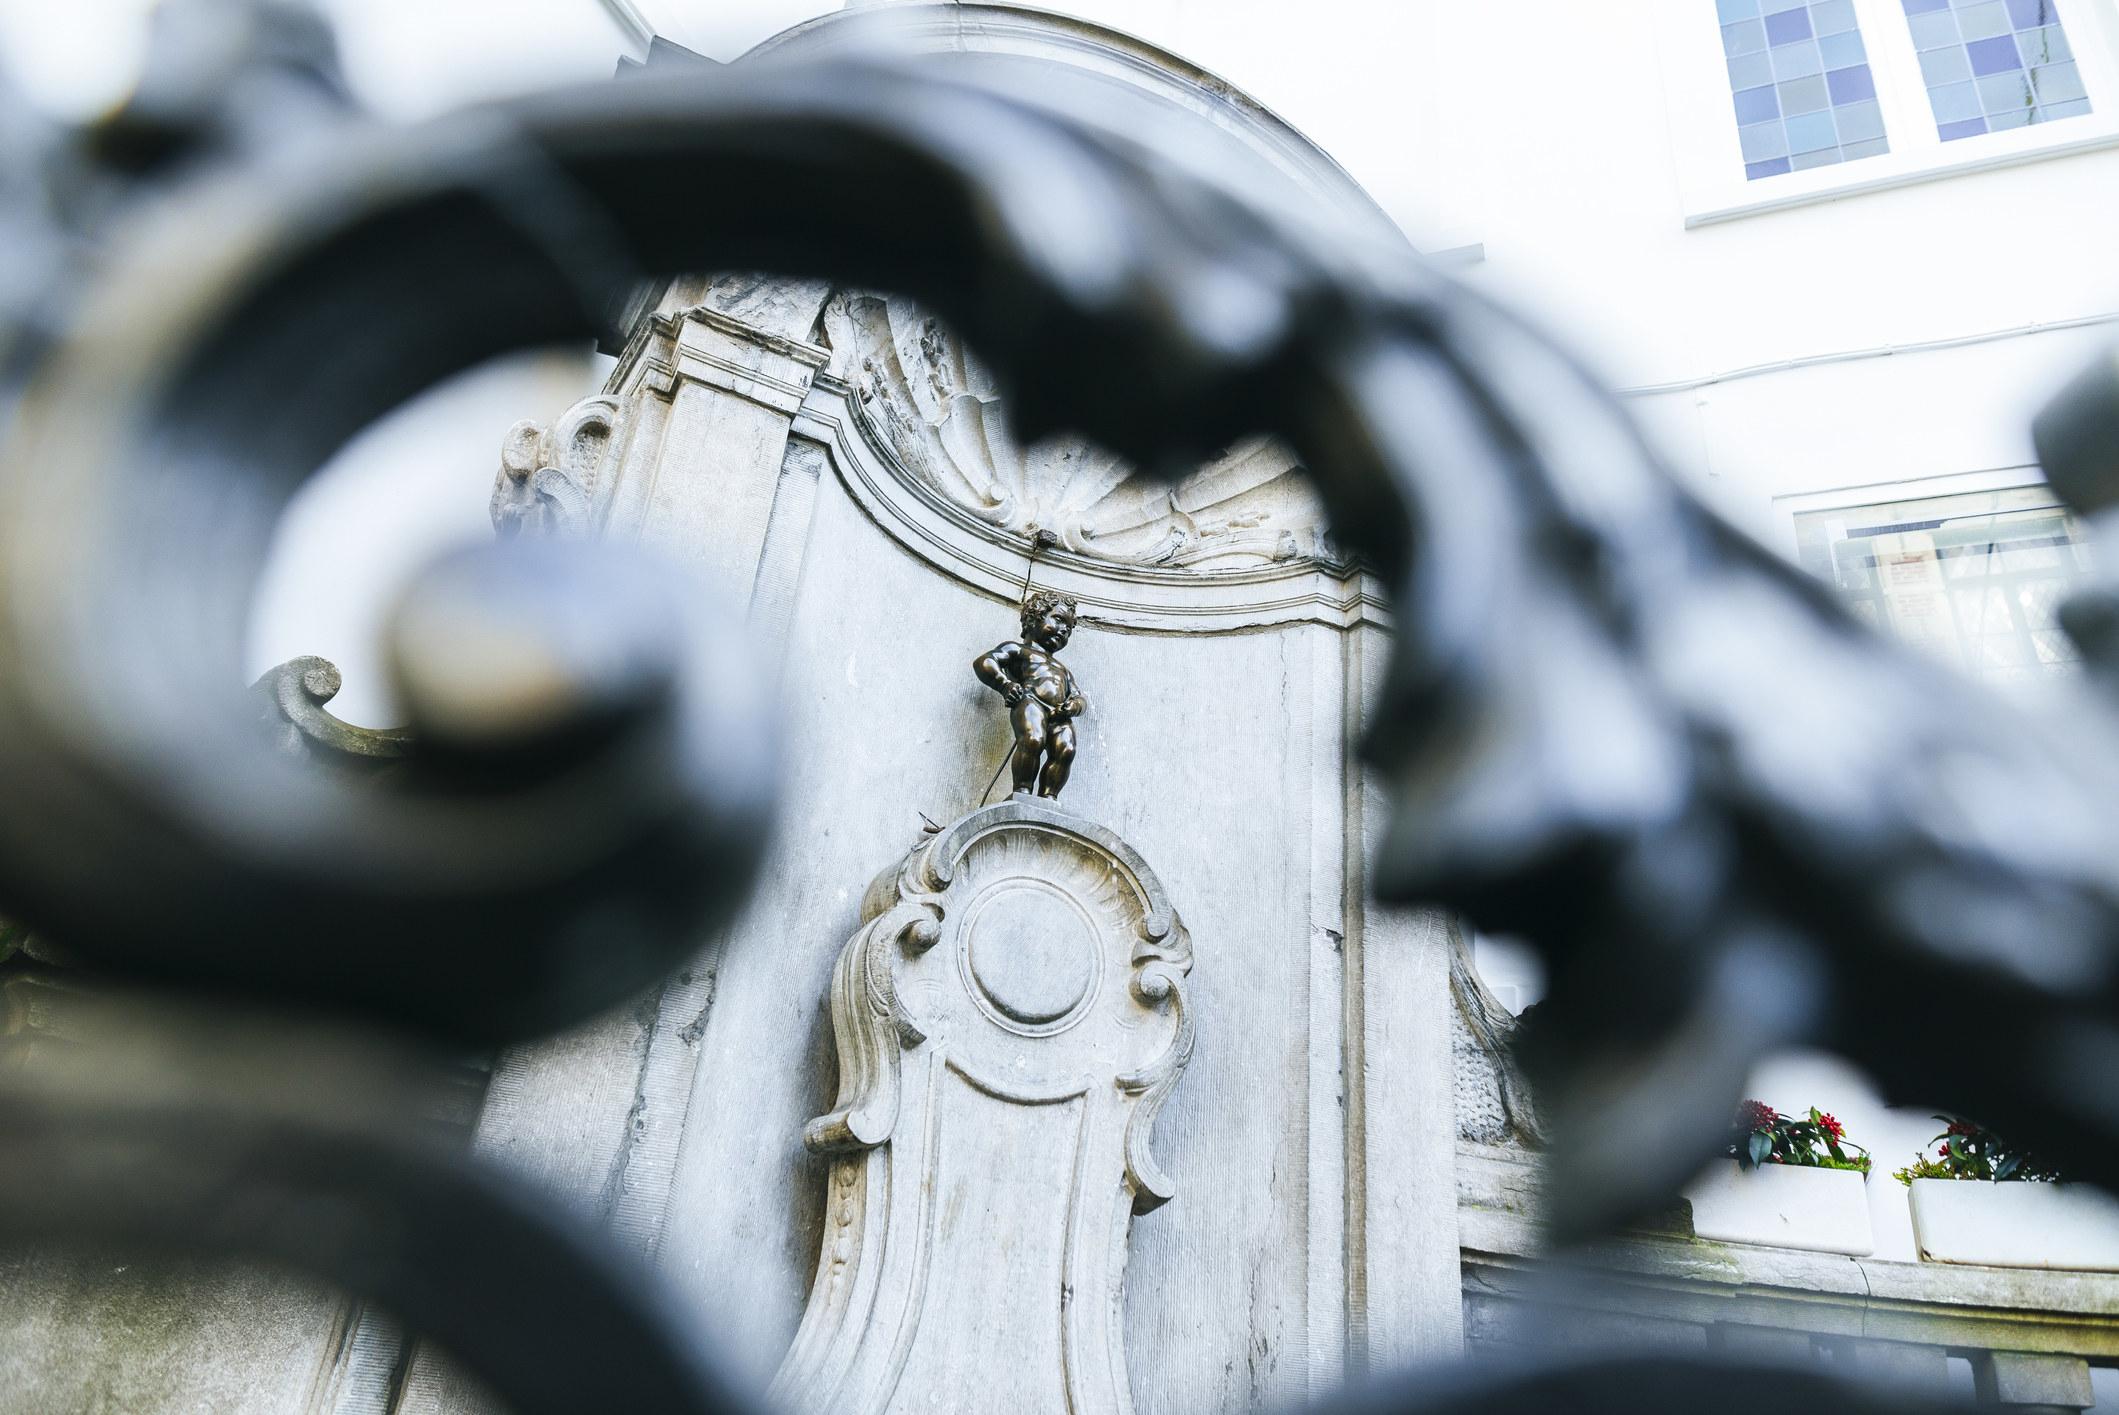 Manneken Pis statue in Brussels.